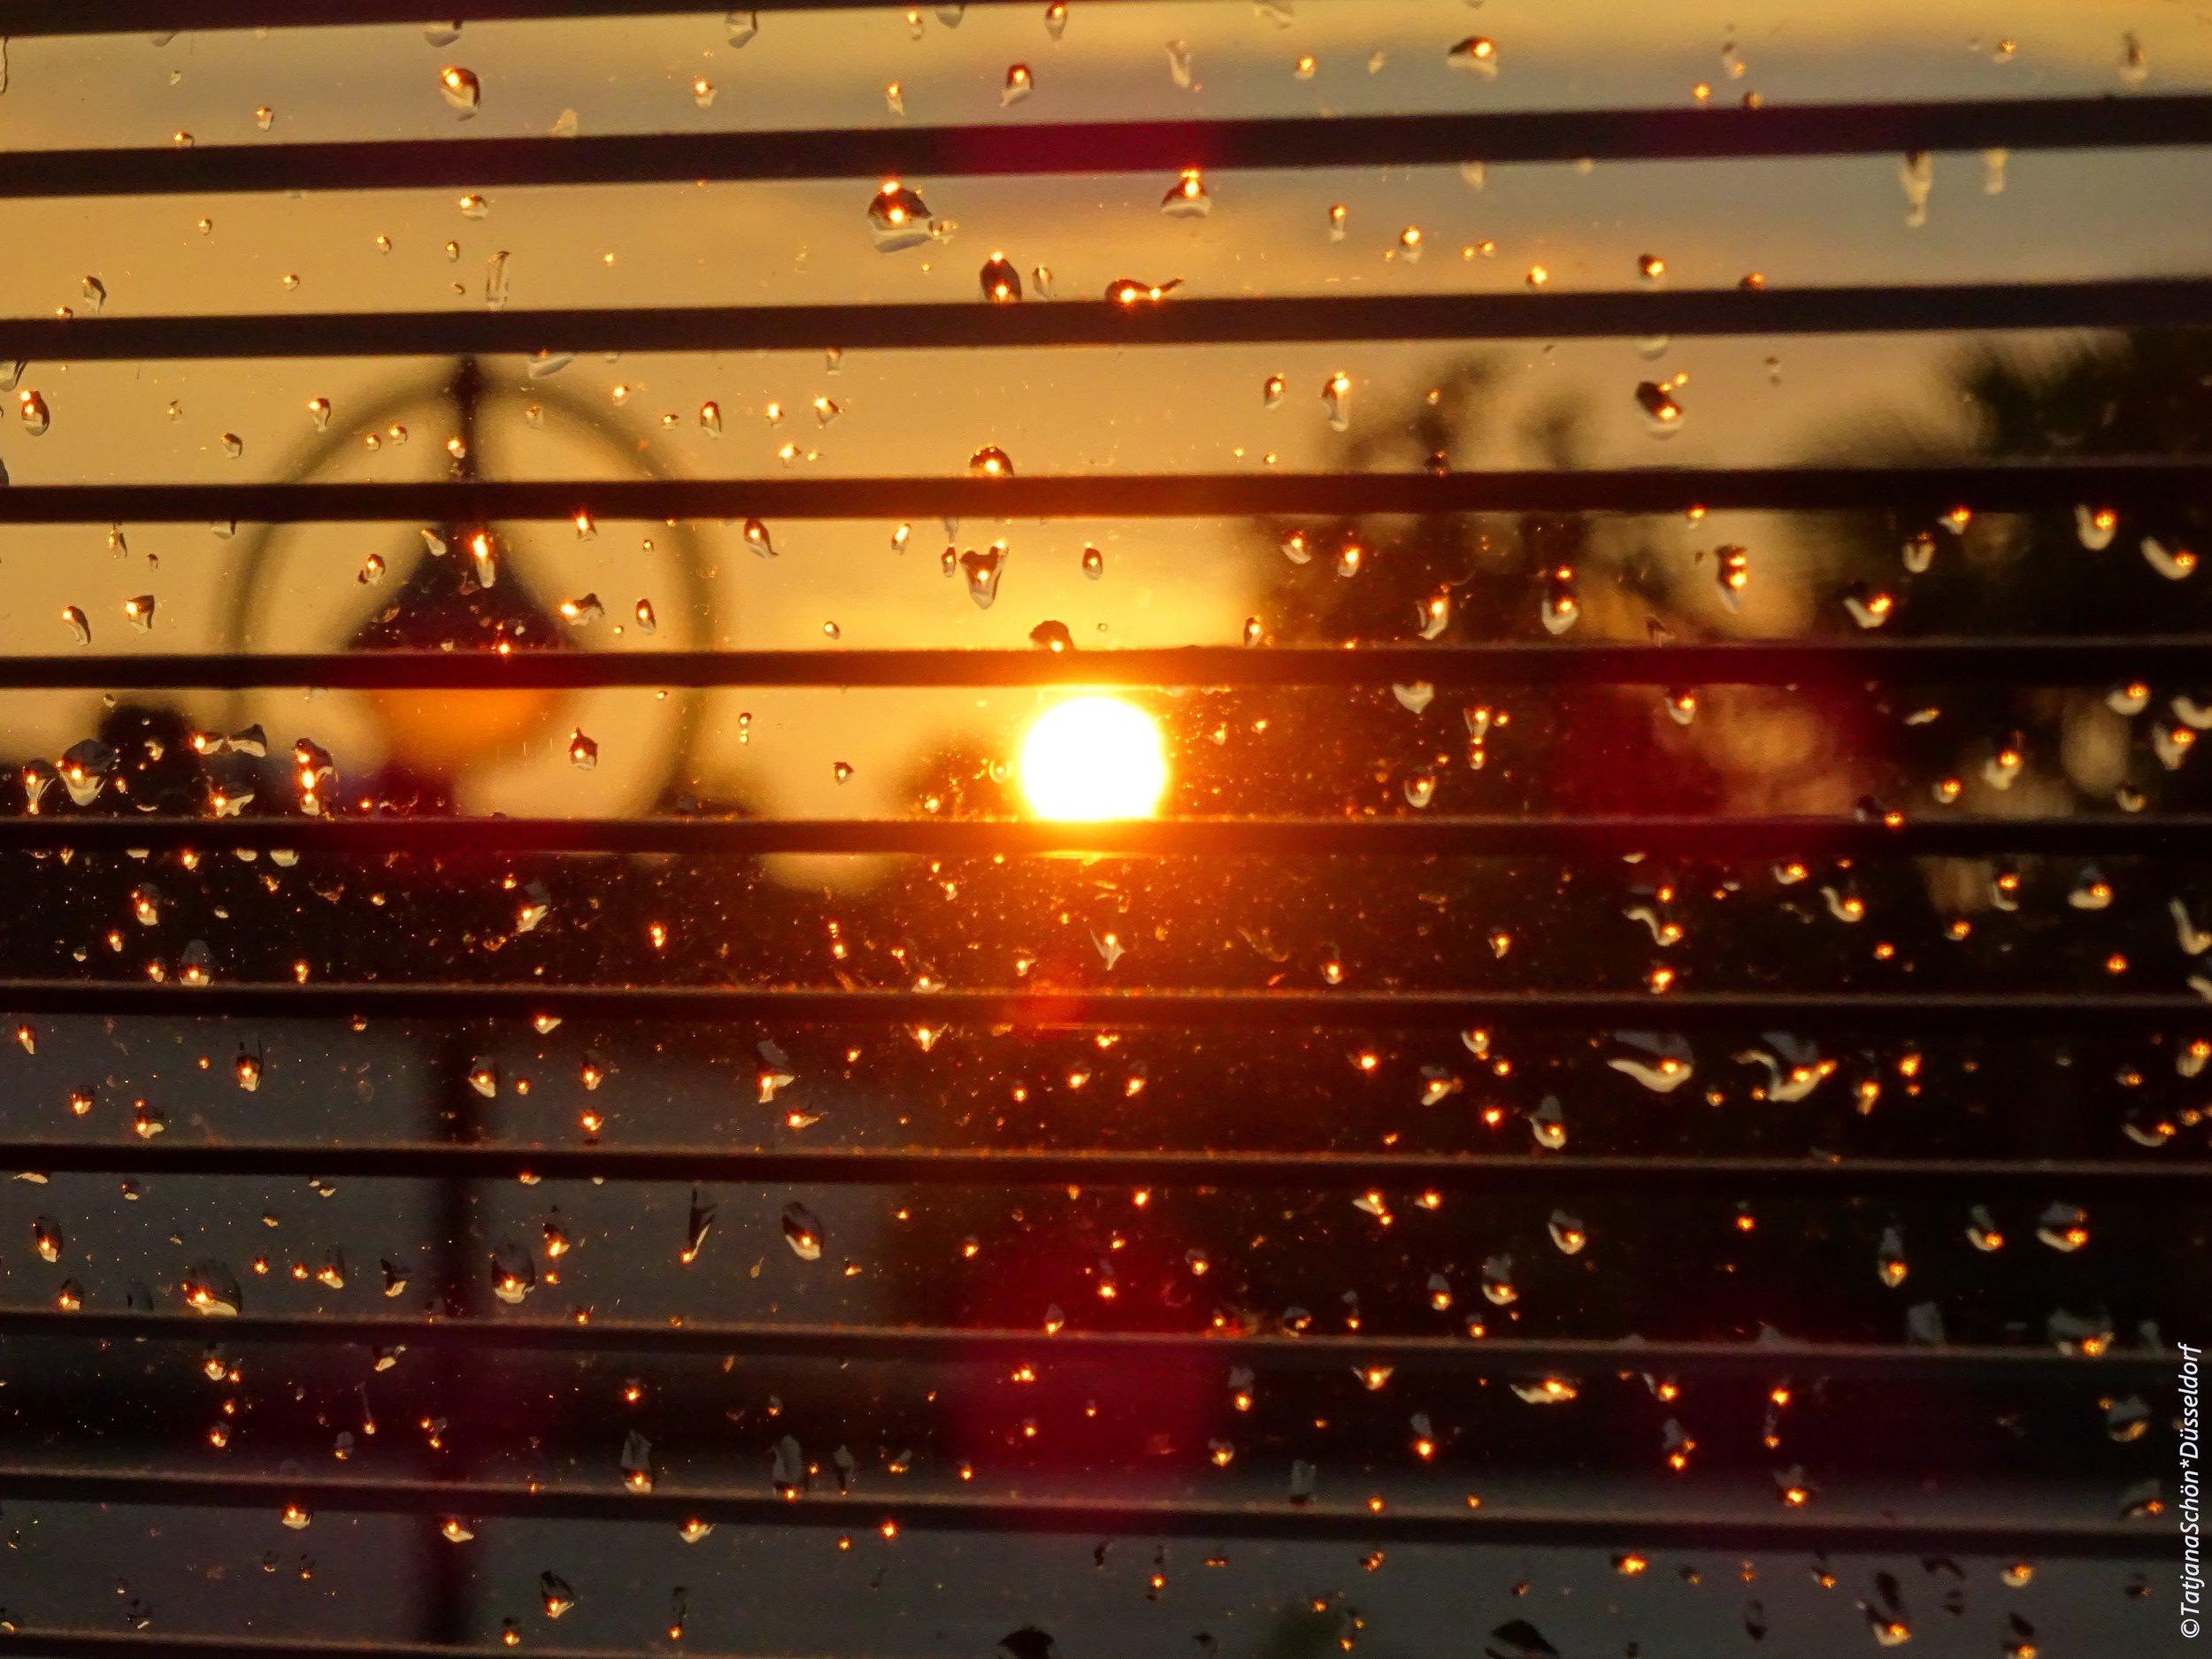 Вид из моего кухонного окна, апельсиновый закат над югом Дюссельдорфа, после летнего ливня.